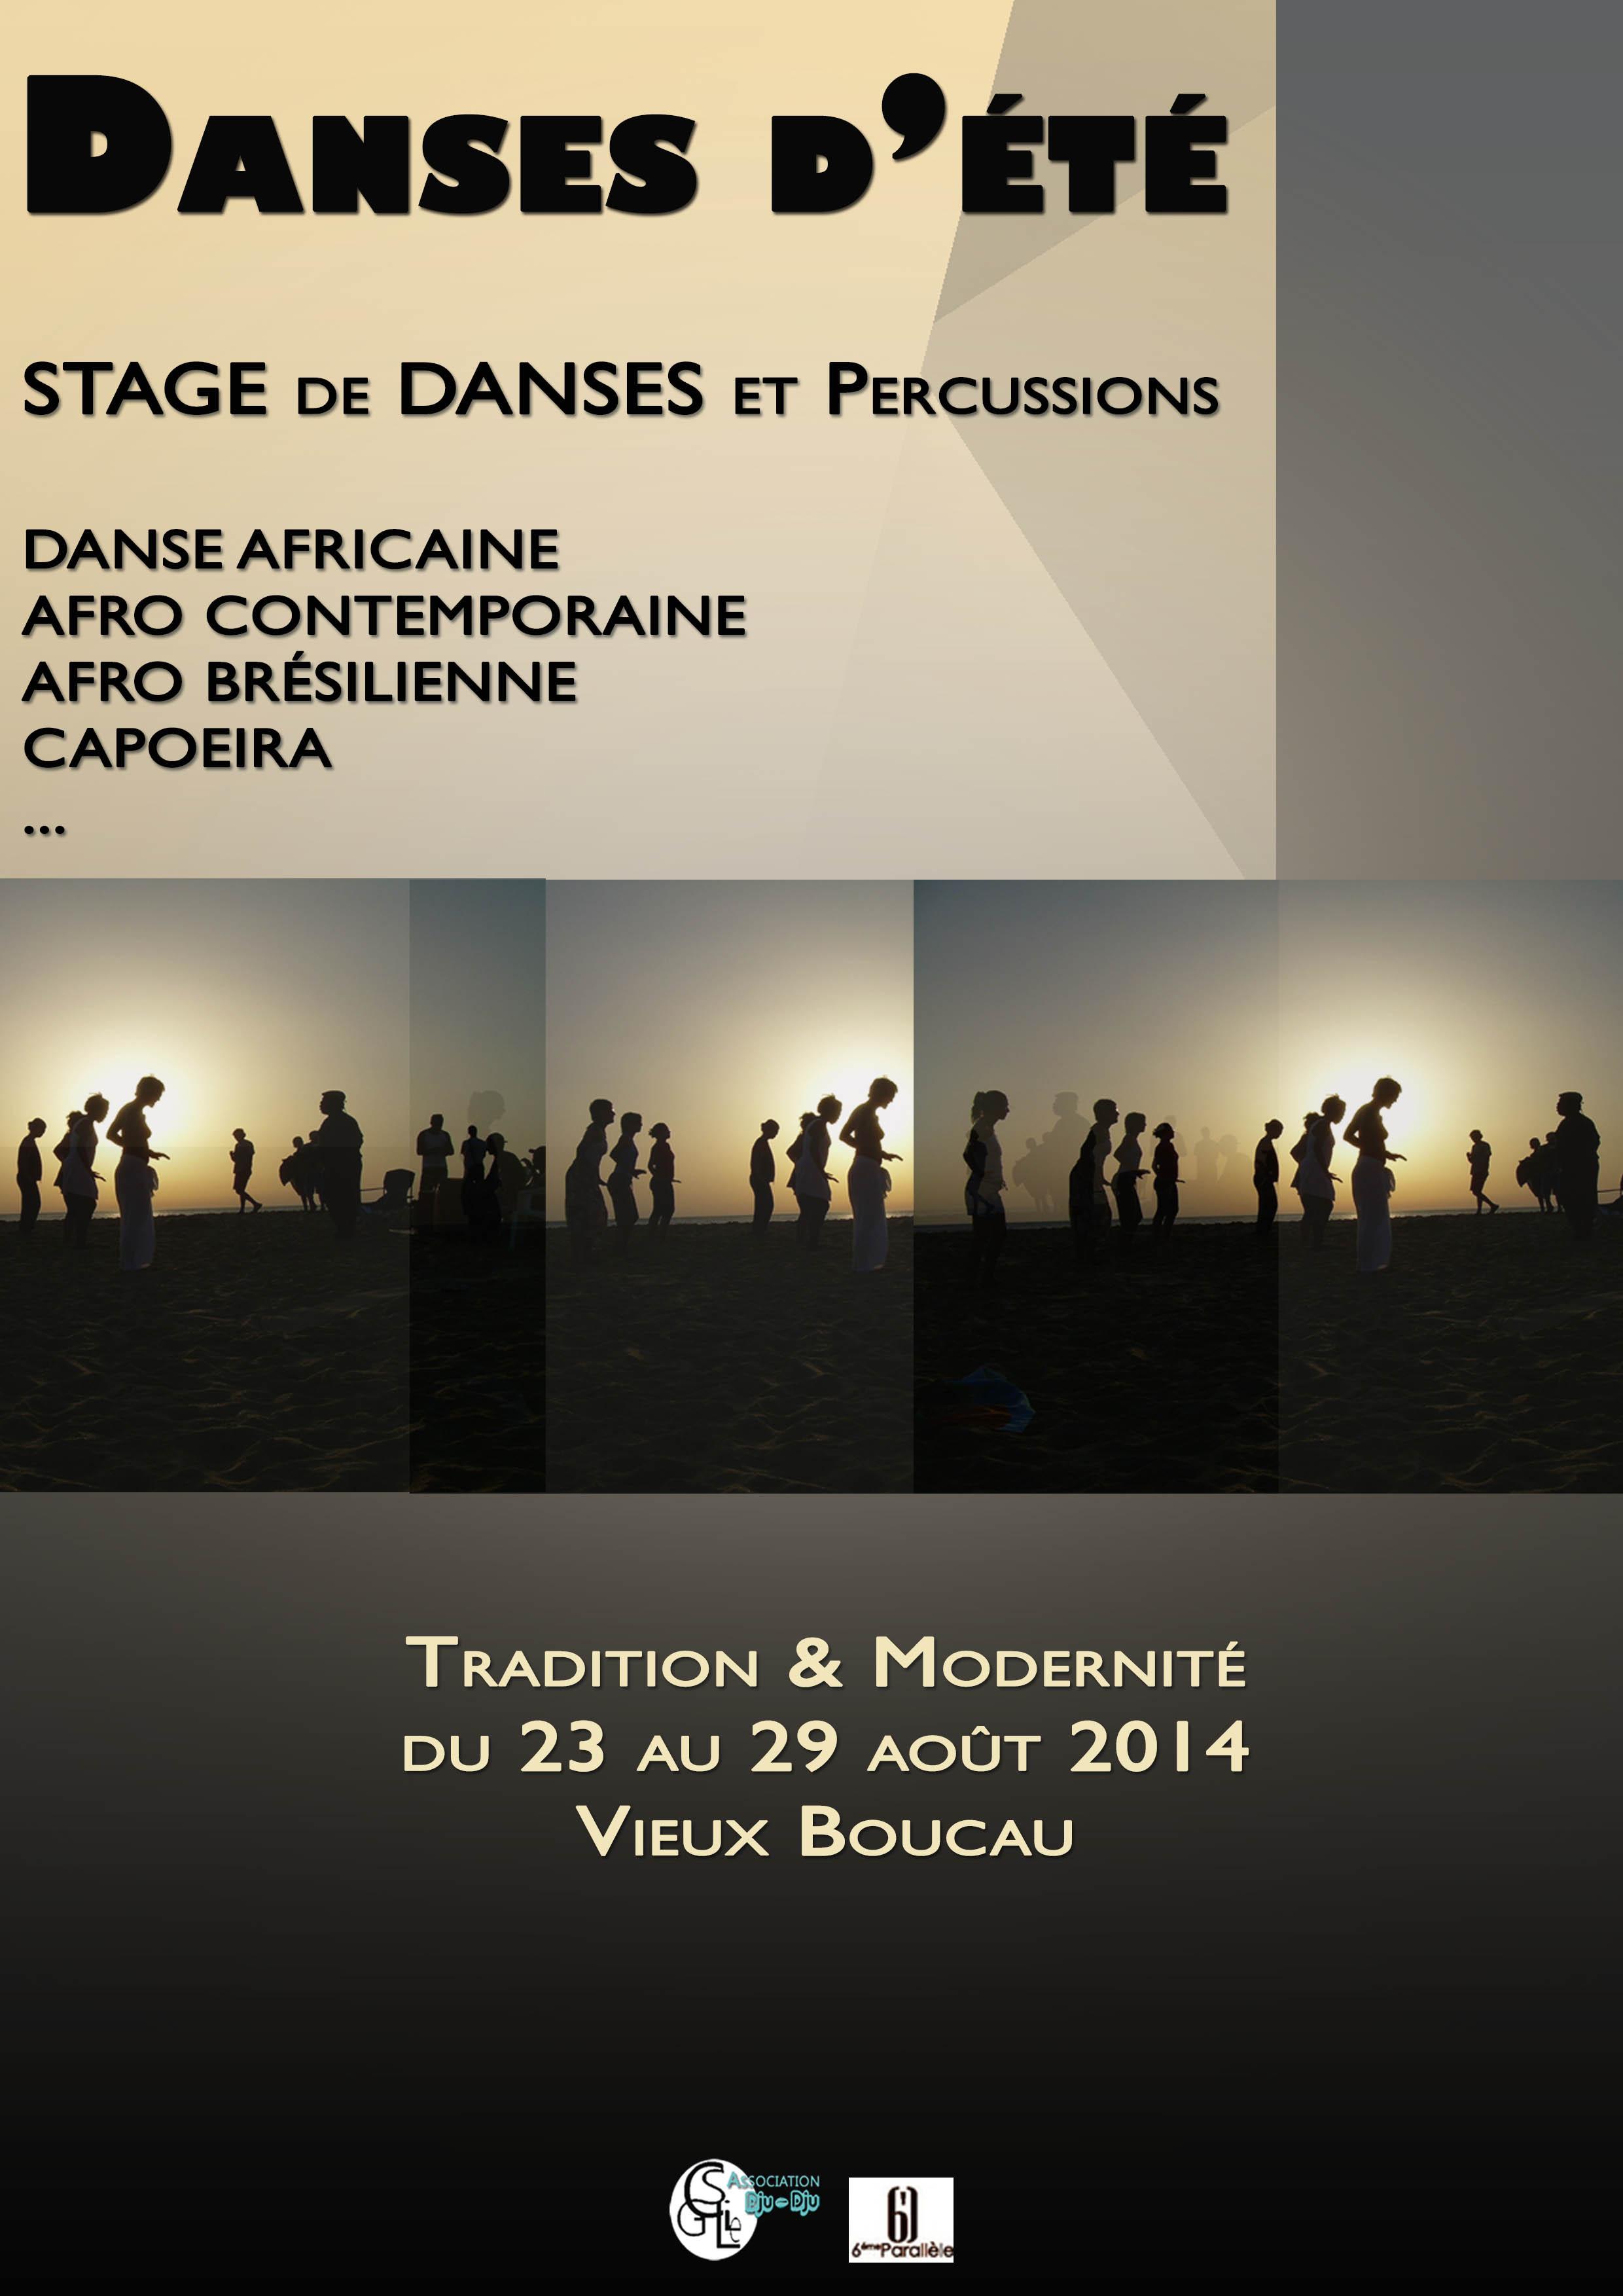 Stage d'été 2014 à Vieux Boucau sous la direction de Vincent Harisdo